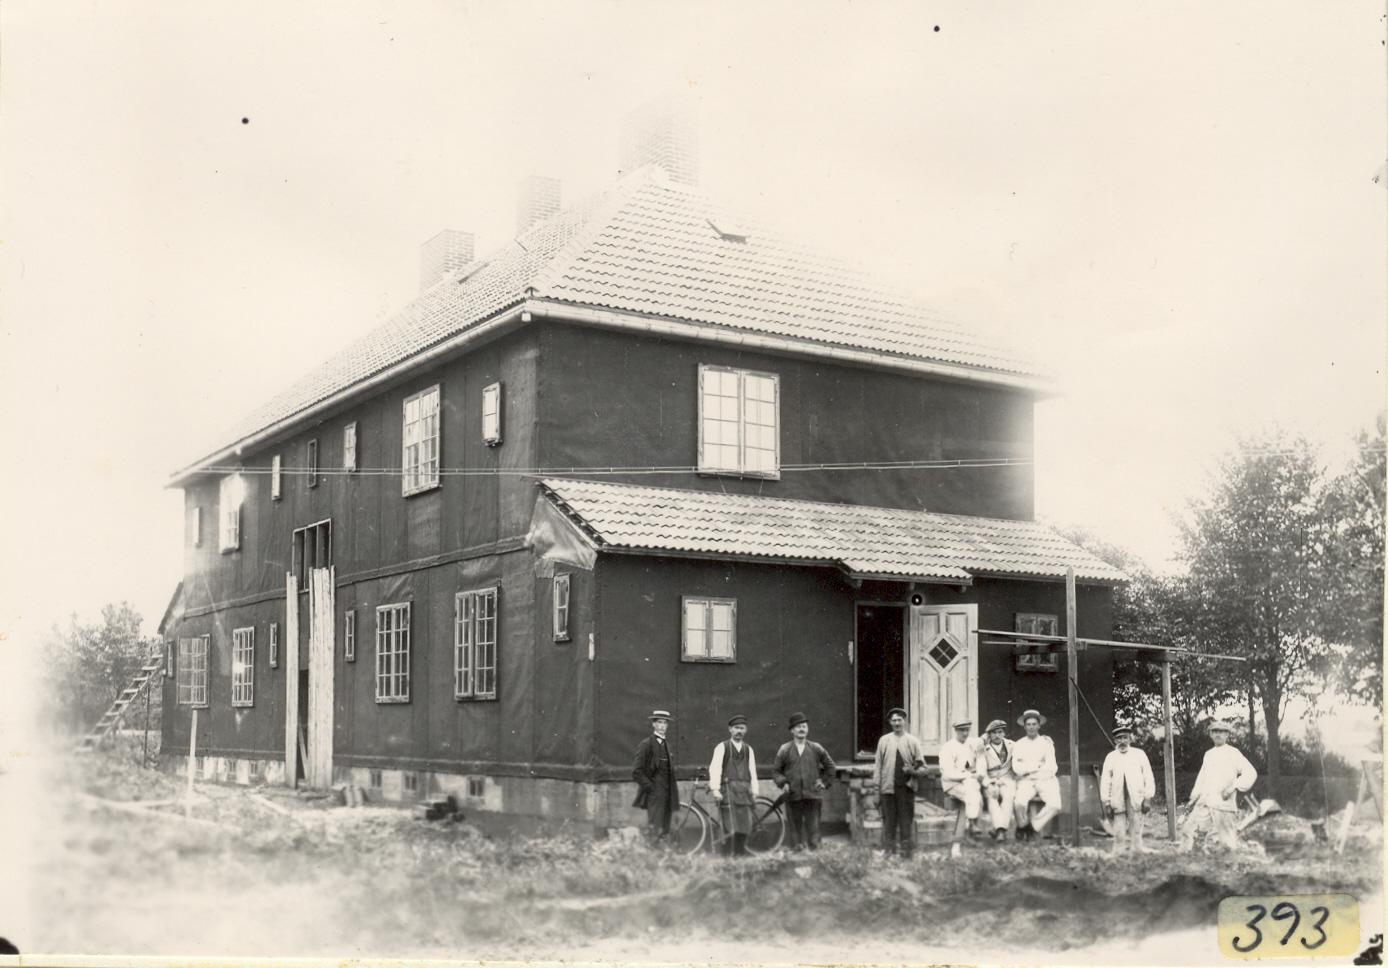 Hhb393 Betjäningshuset byggs börj 1900 talet